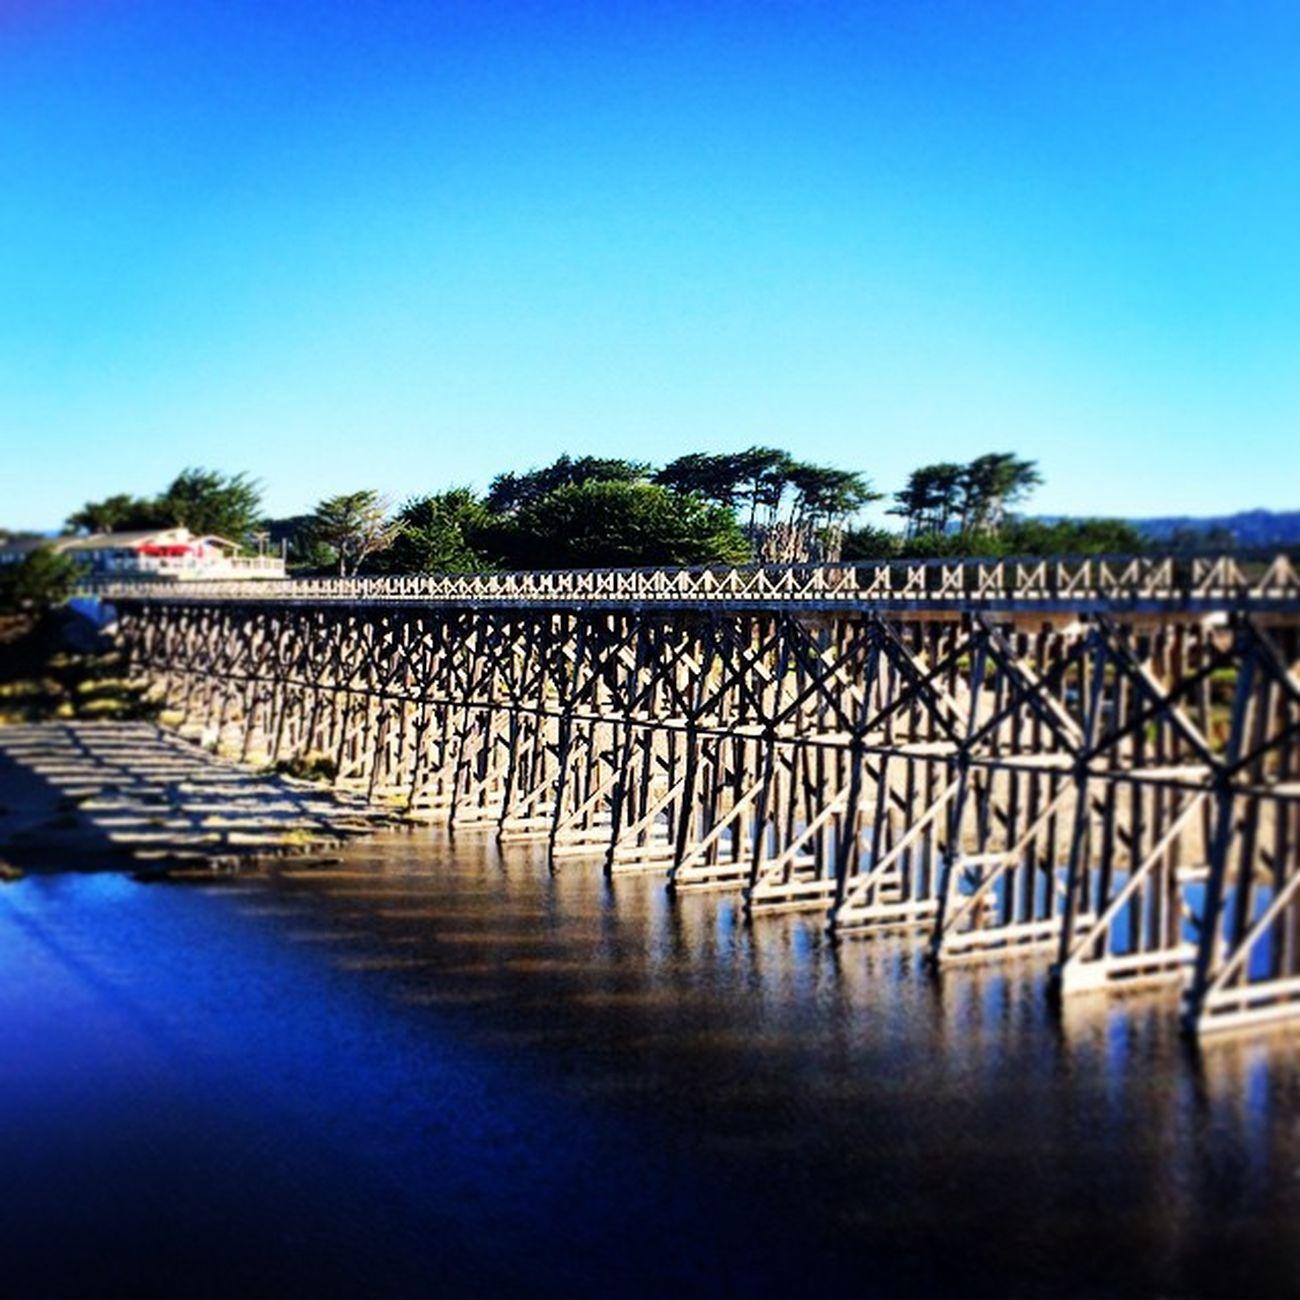 Fort Bragg bridge Fortbragg Glassbeach California California1 visitca bridge northcalifornia roadtrip